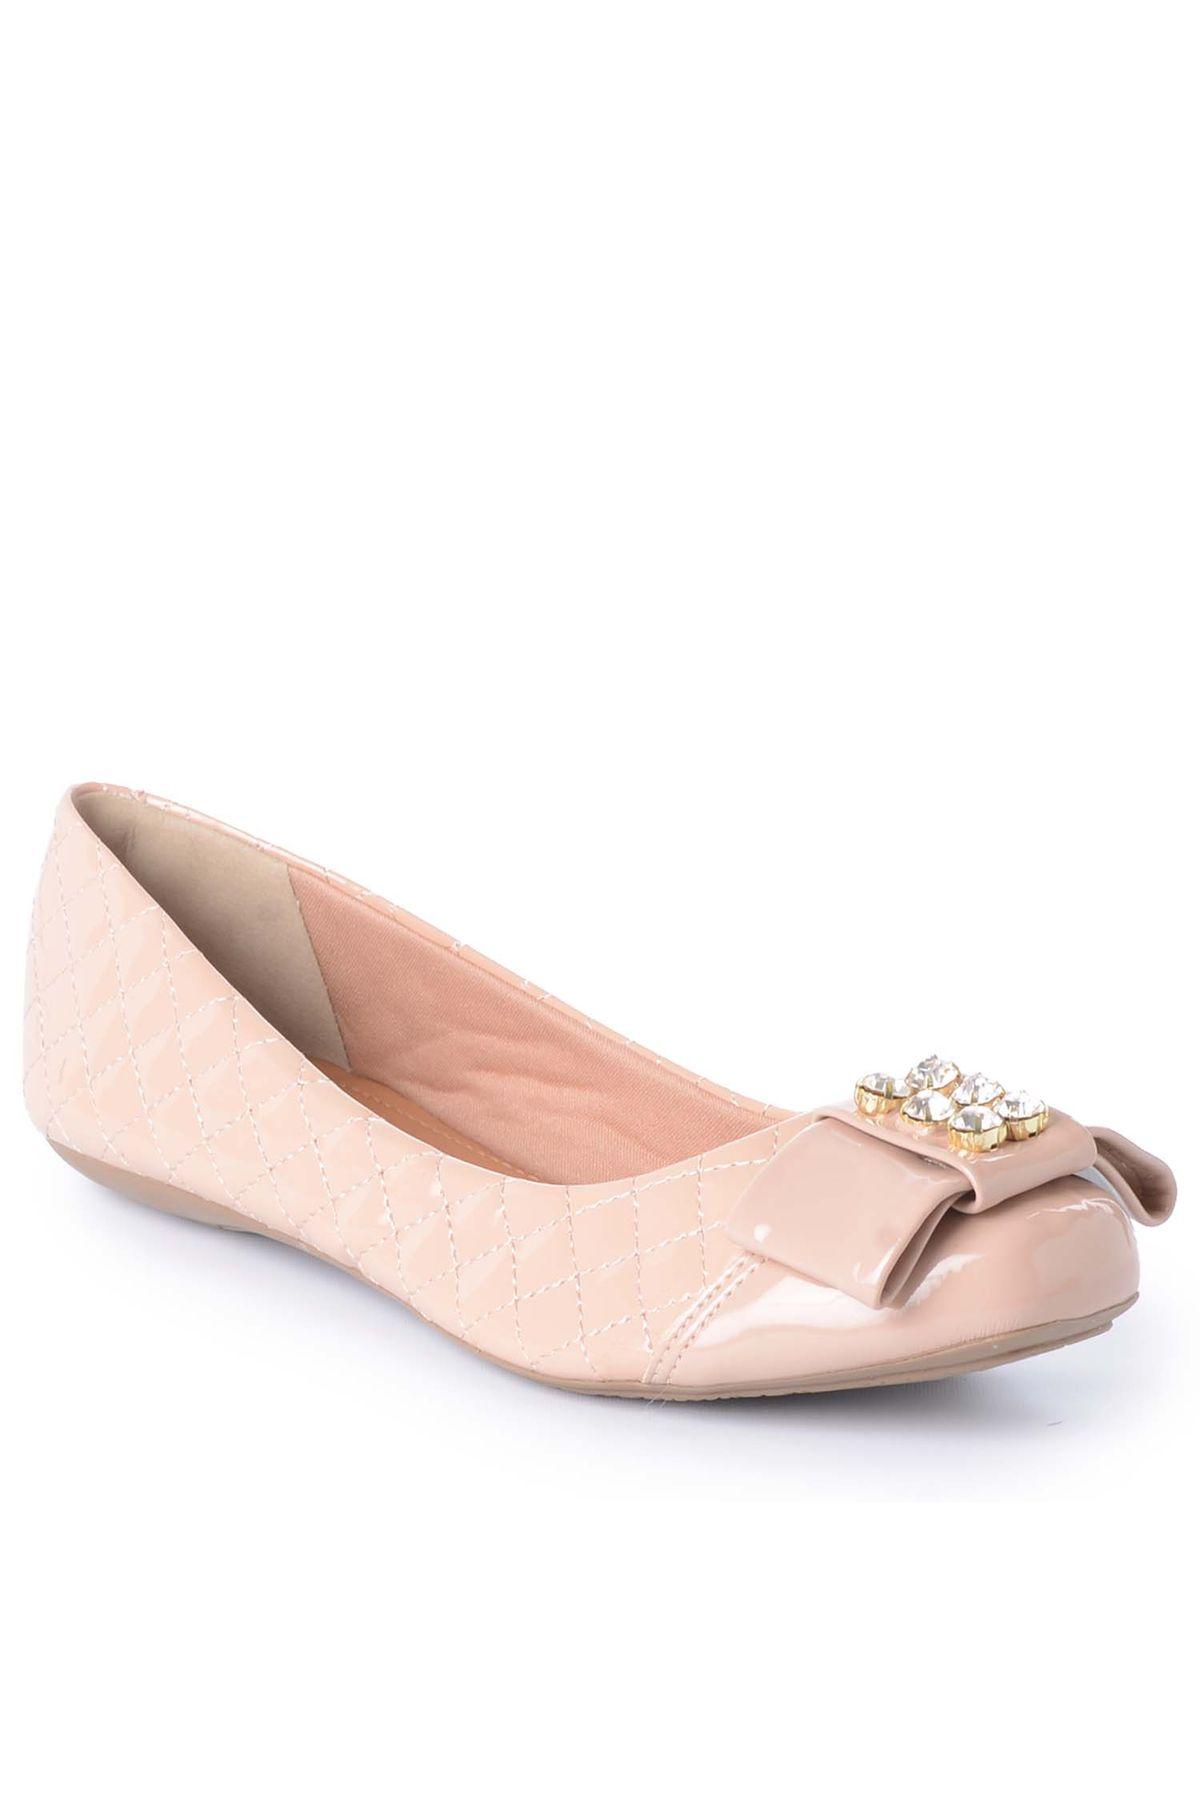 f7ed21005 Sapatilha Feminina Juliet Lafosca   Mundial Calçados - Mundial Calçados